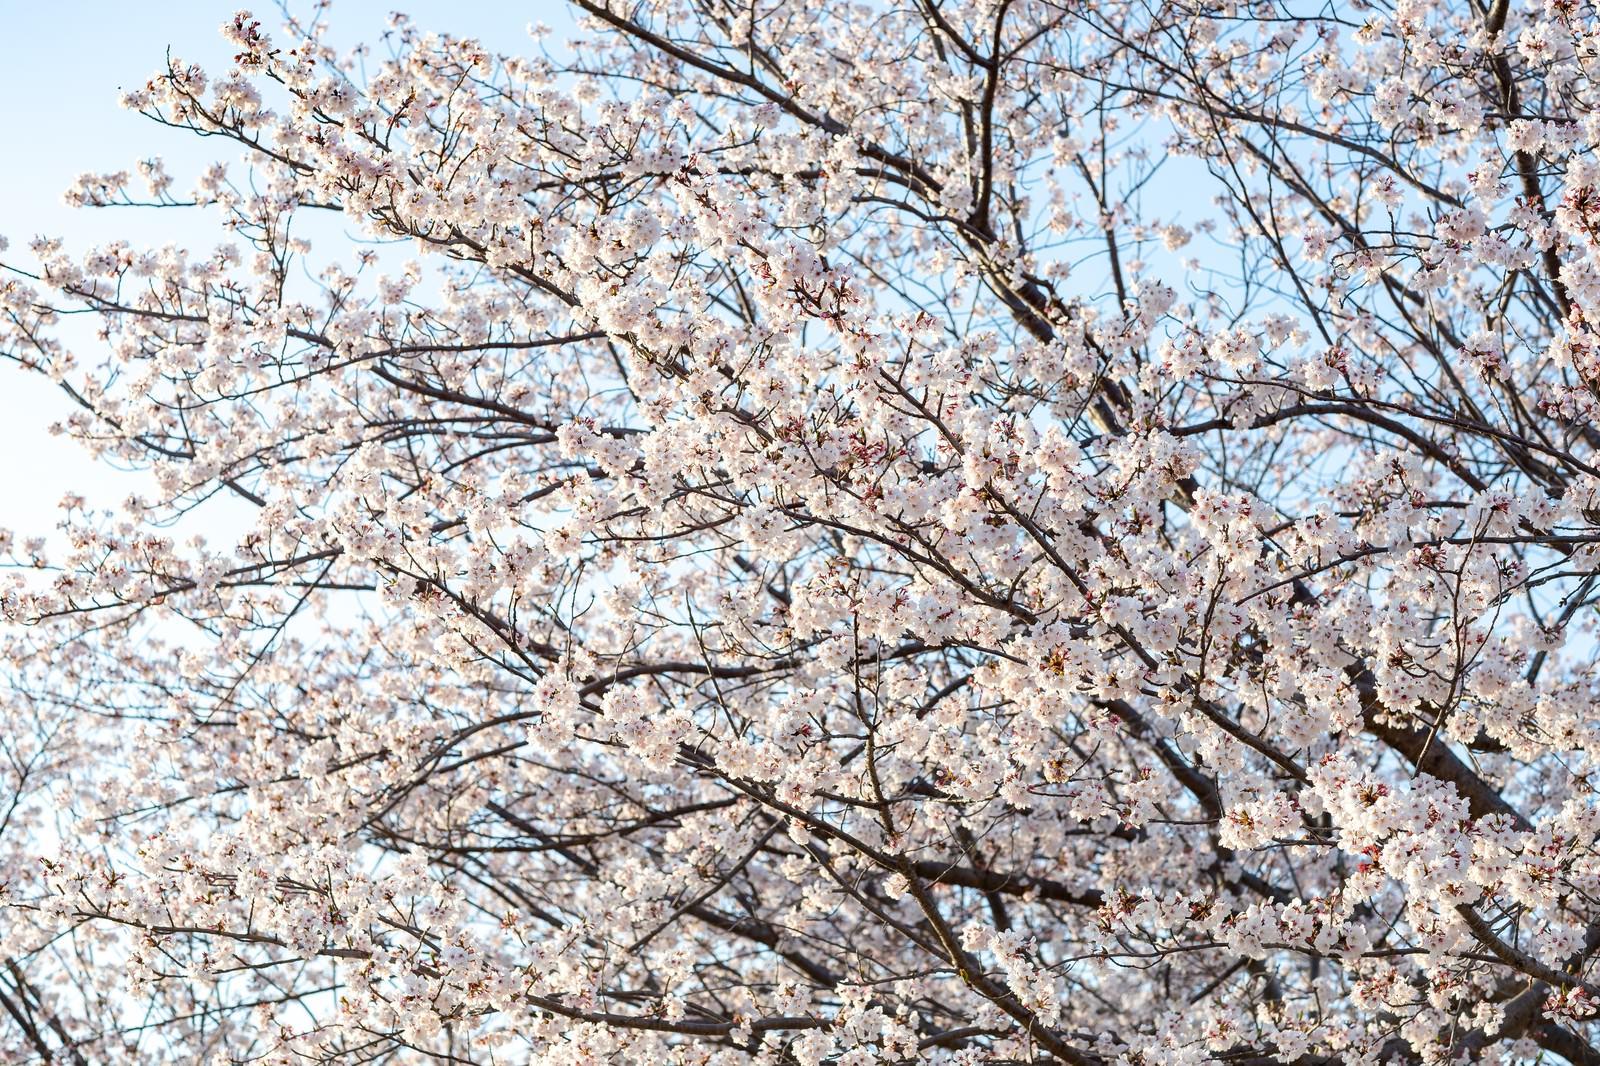 「霞み行く空と桜の木」の写真